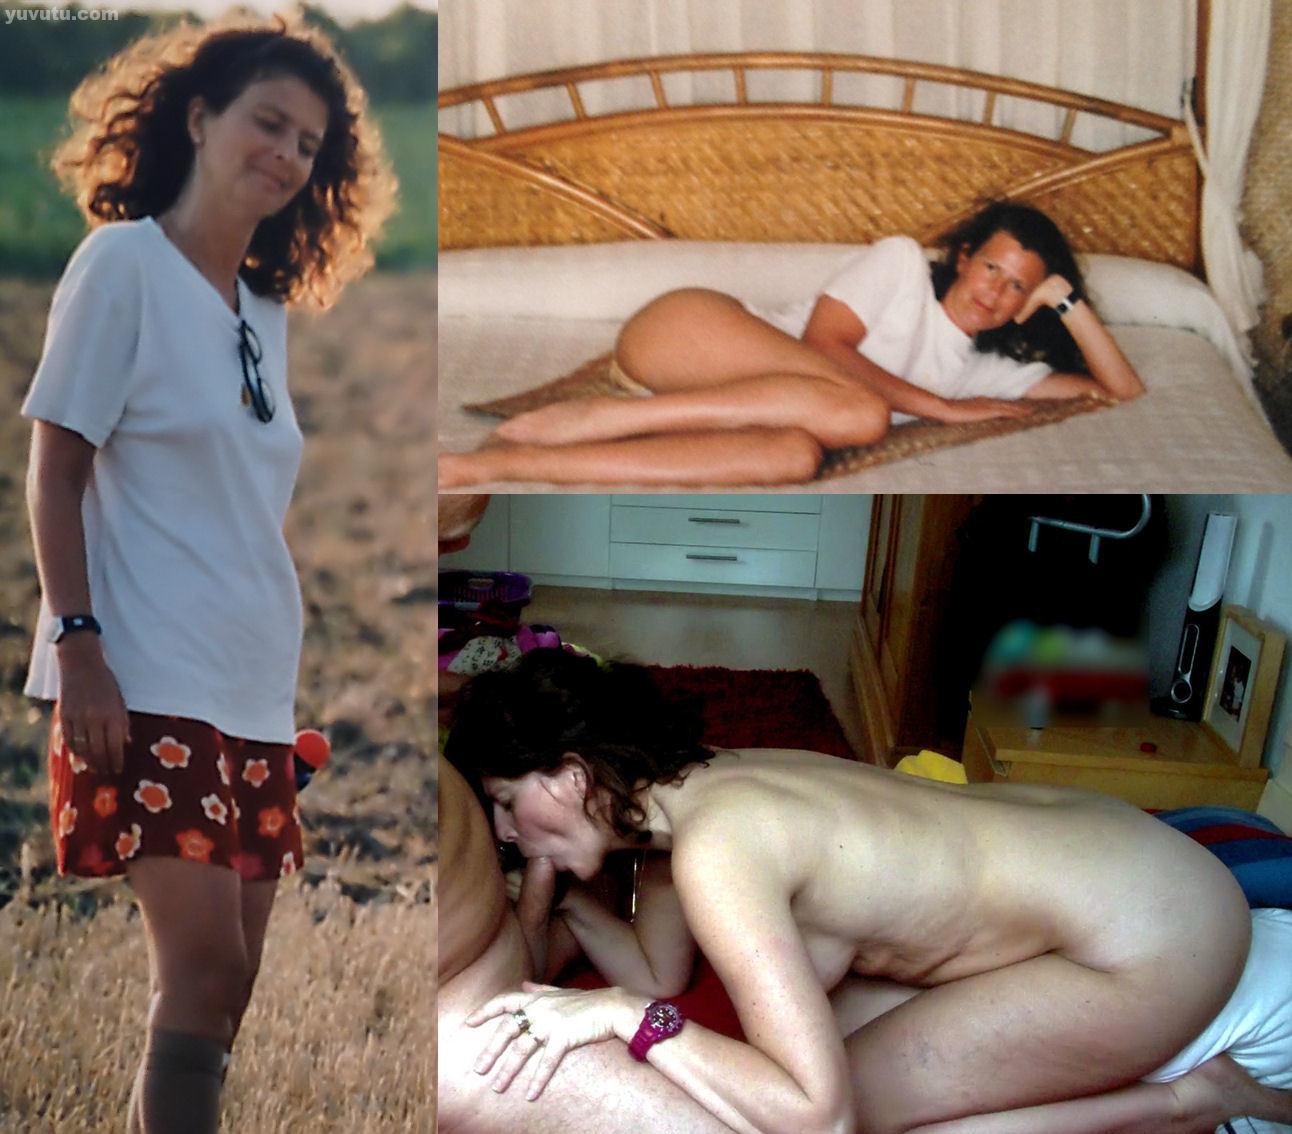 bakeca annunci porno video gratis di massaggi erotici